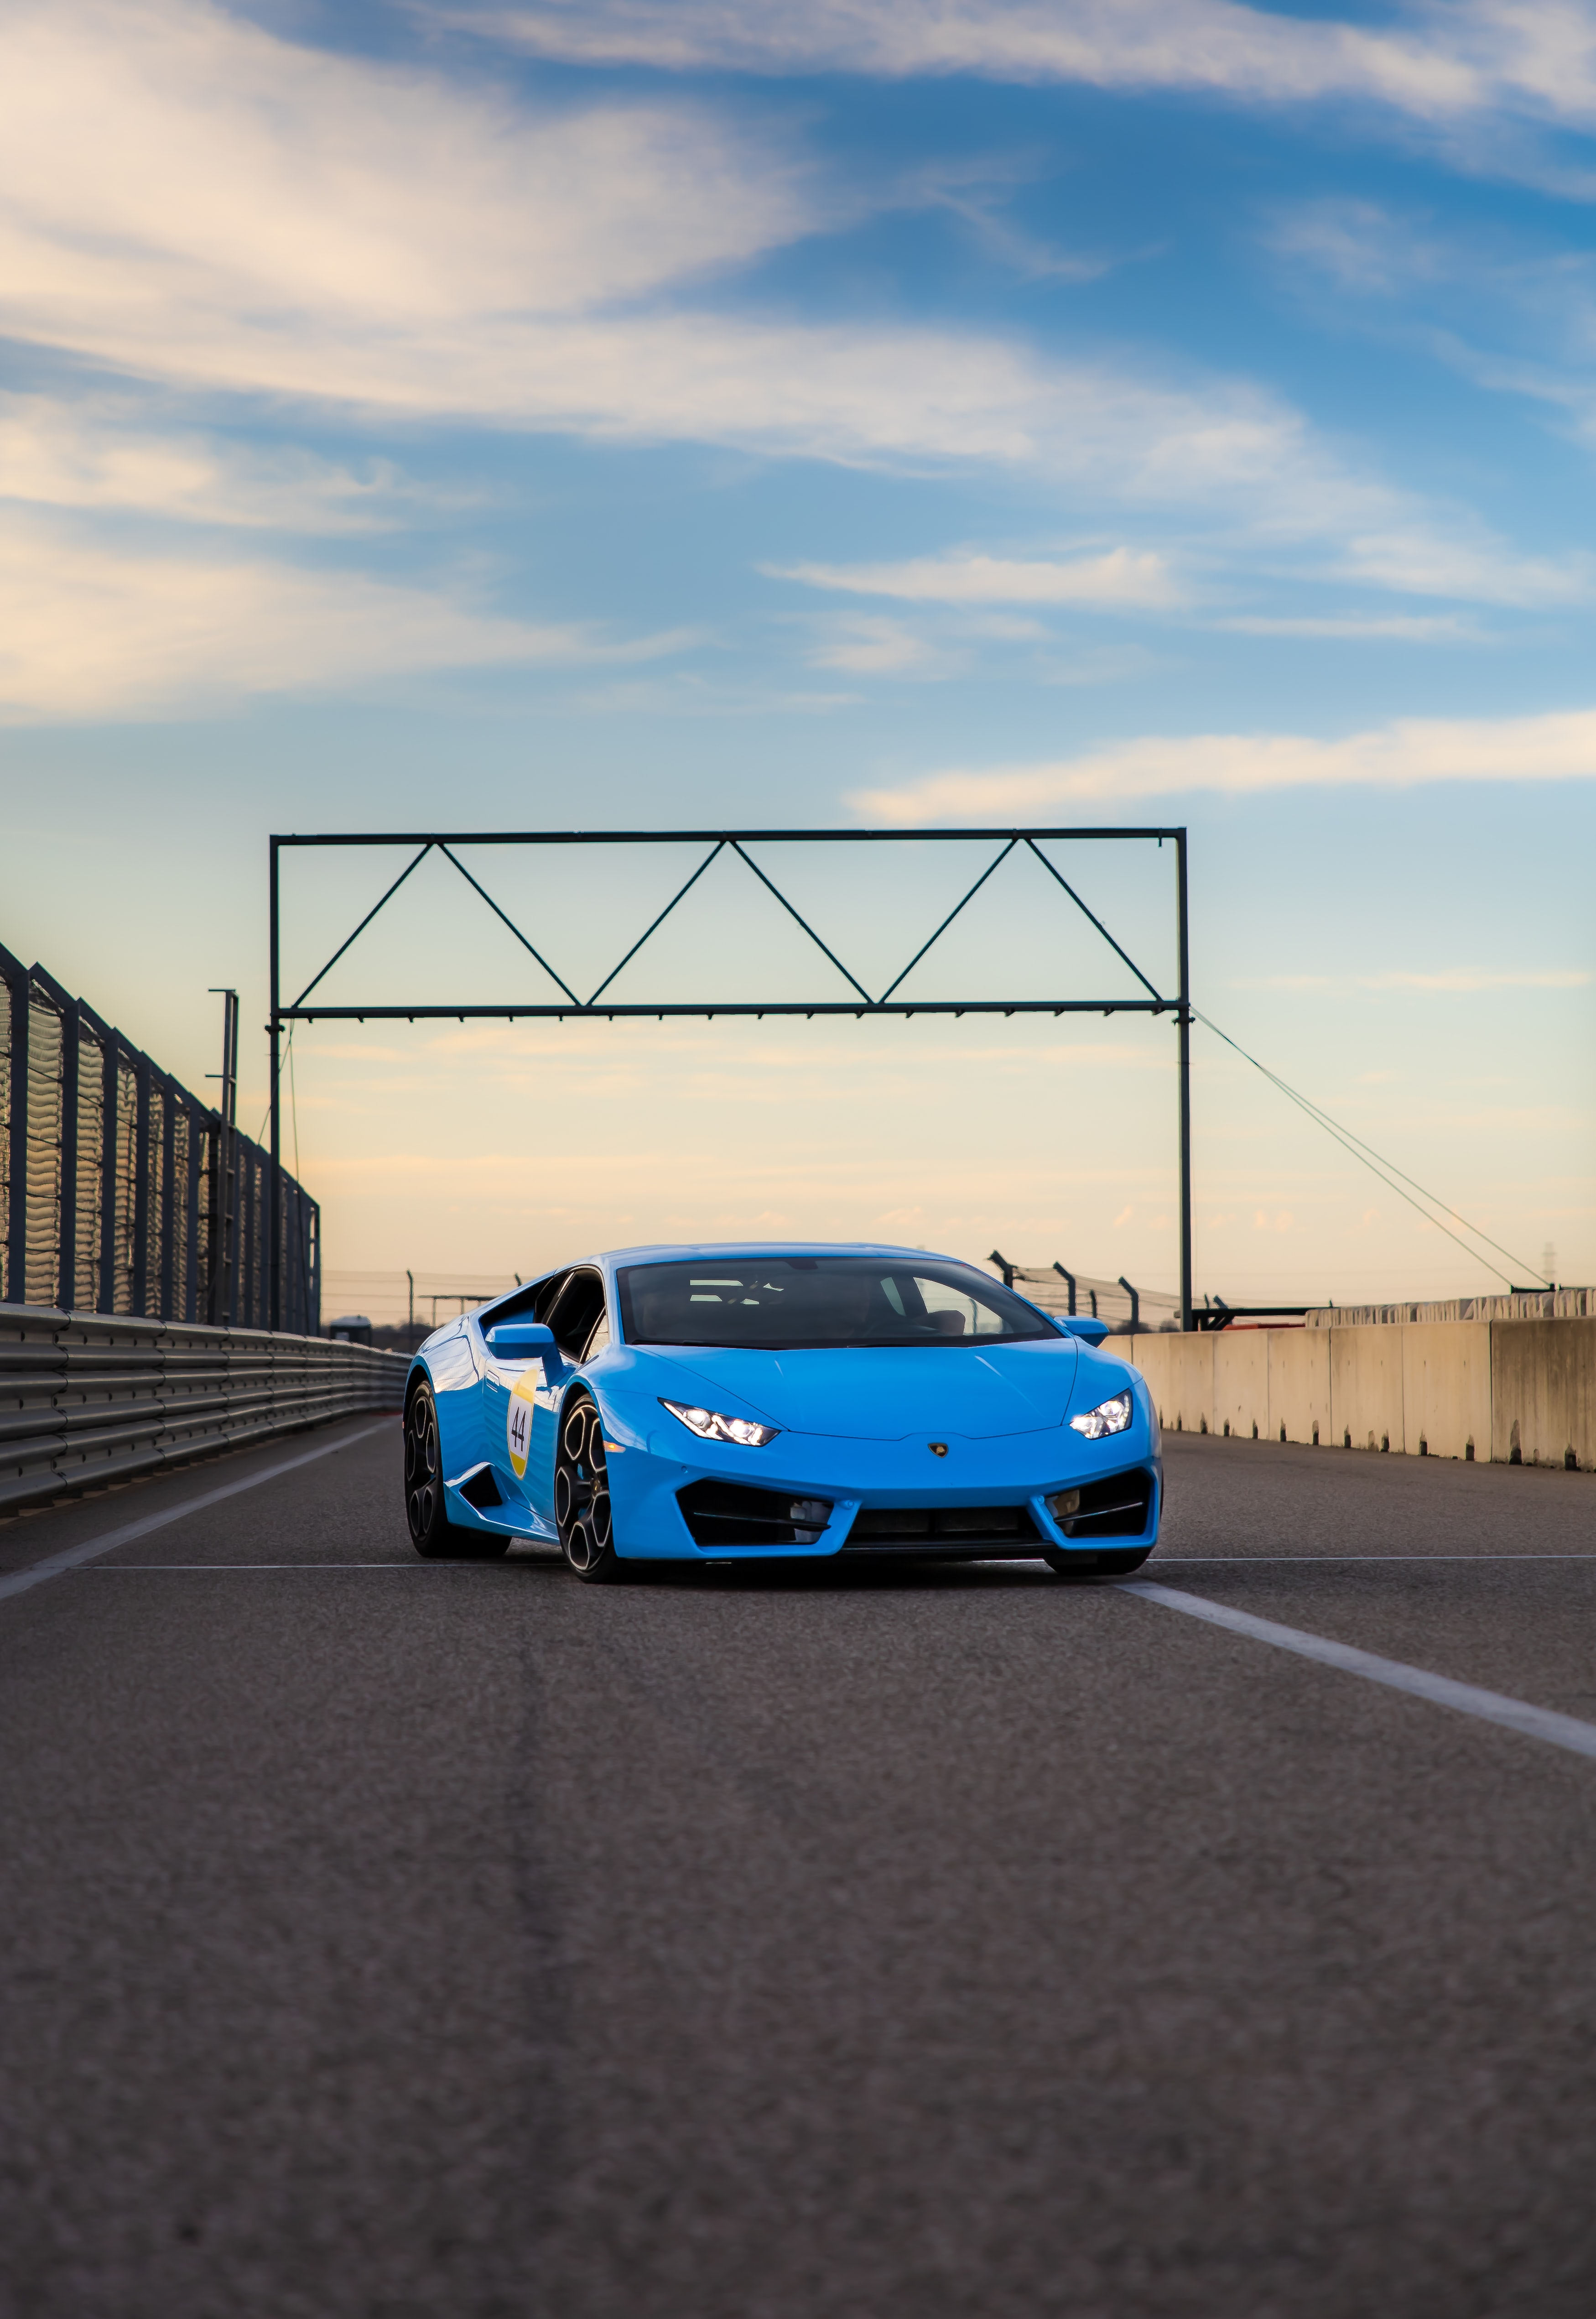 95853 Заставки и Обои Ламборджини (Lamborghini) на телефон. Скачать Ламборджини (Lamborghini), Дорога, Тачки (Cars), Автомобиль, Синий, Спорткар, Трасса, Lamborghini Huracan картинки бесплатно